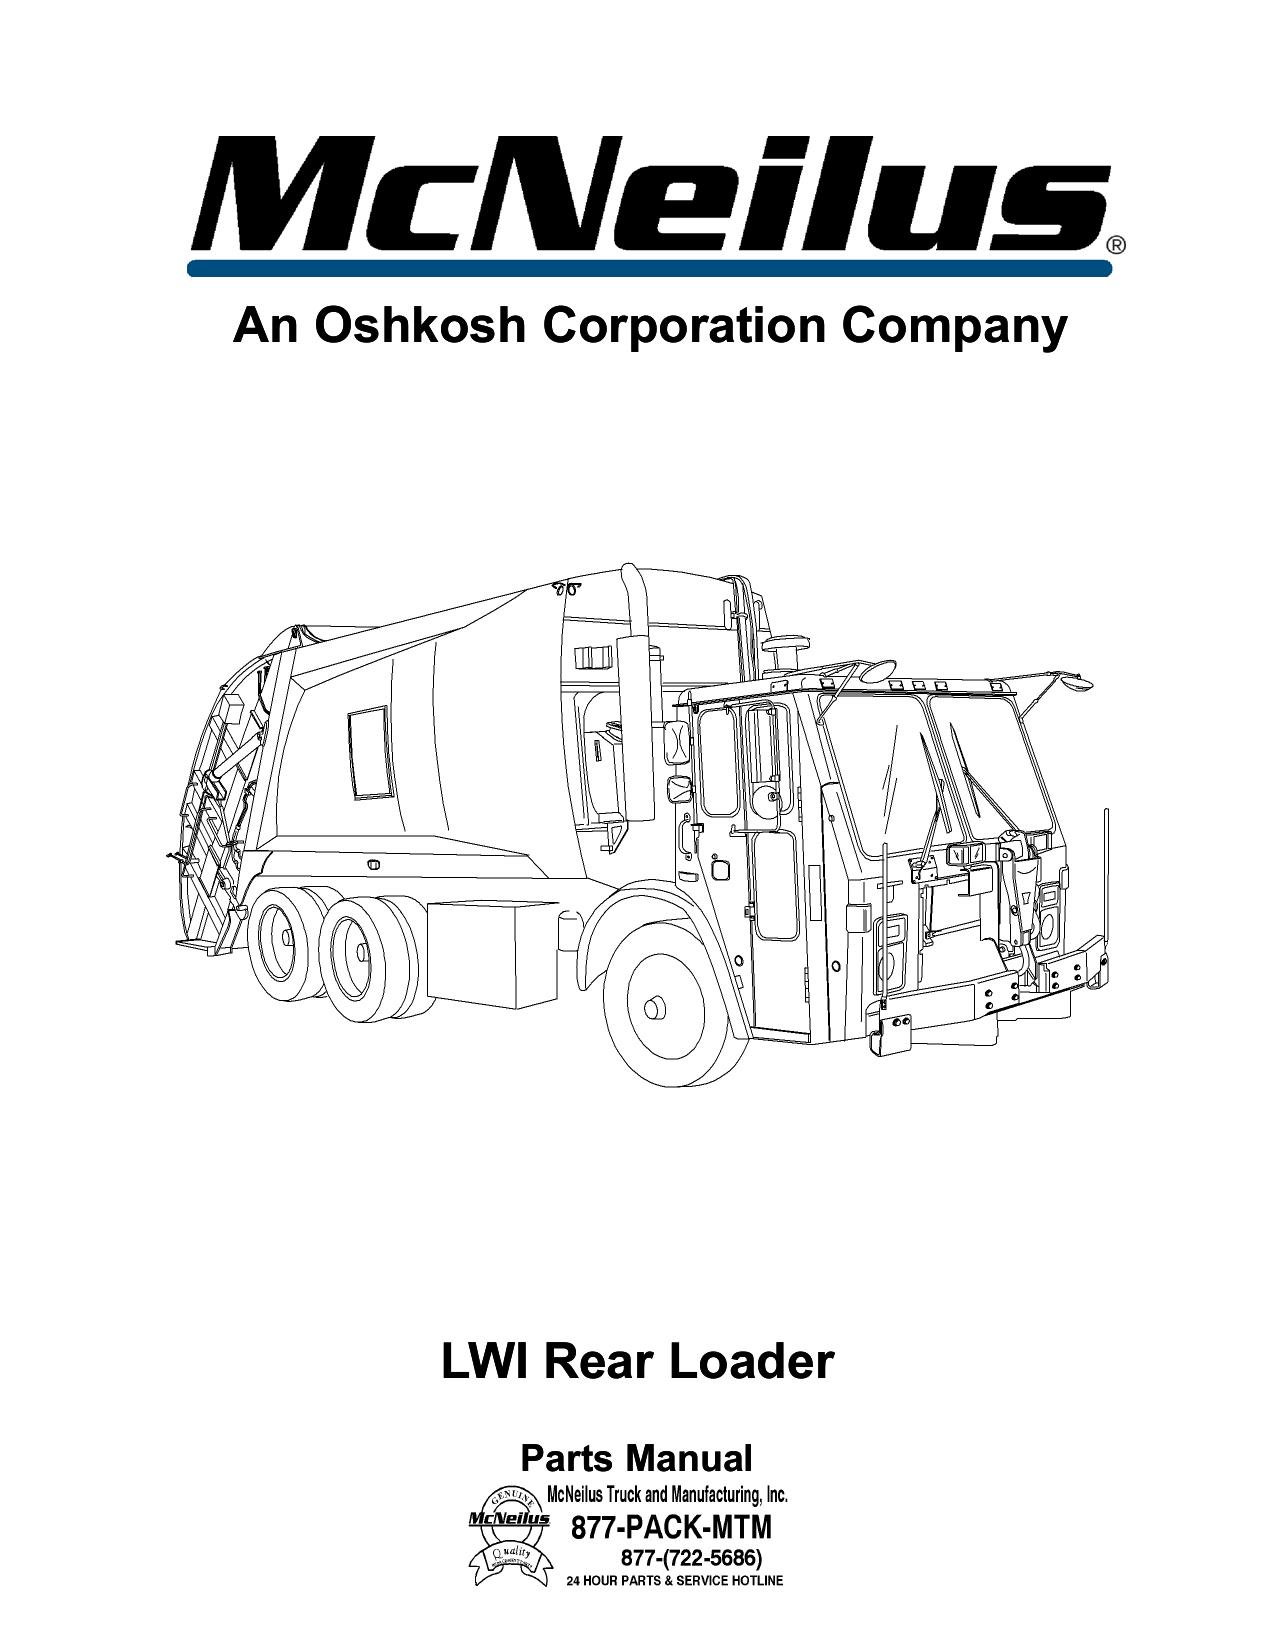 mcneilus wiring schematic chute lock wire data schema u2022 rh richtech co